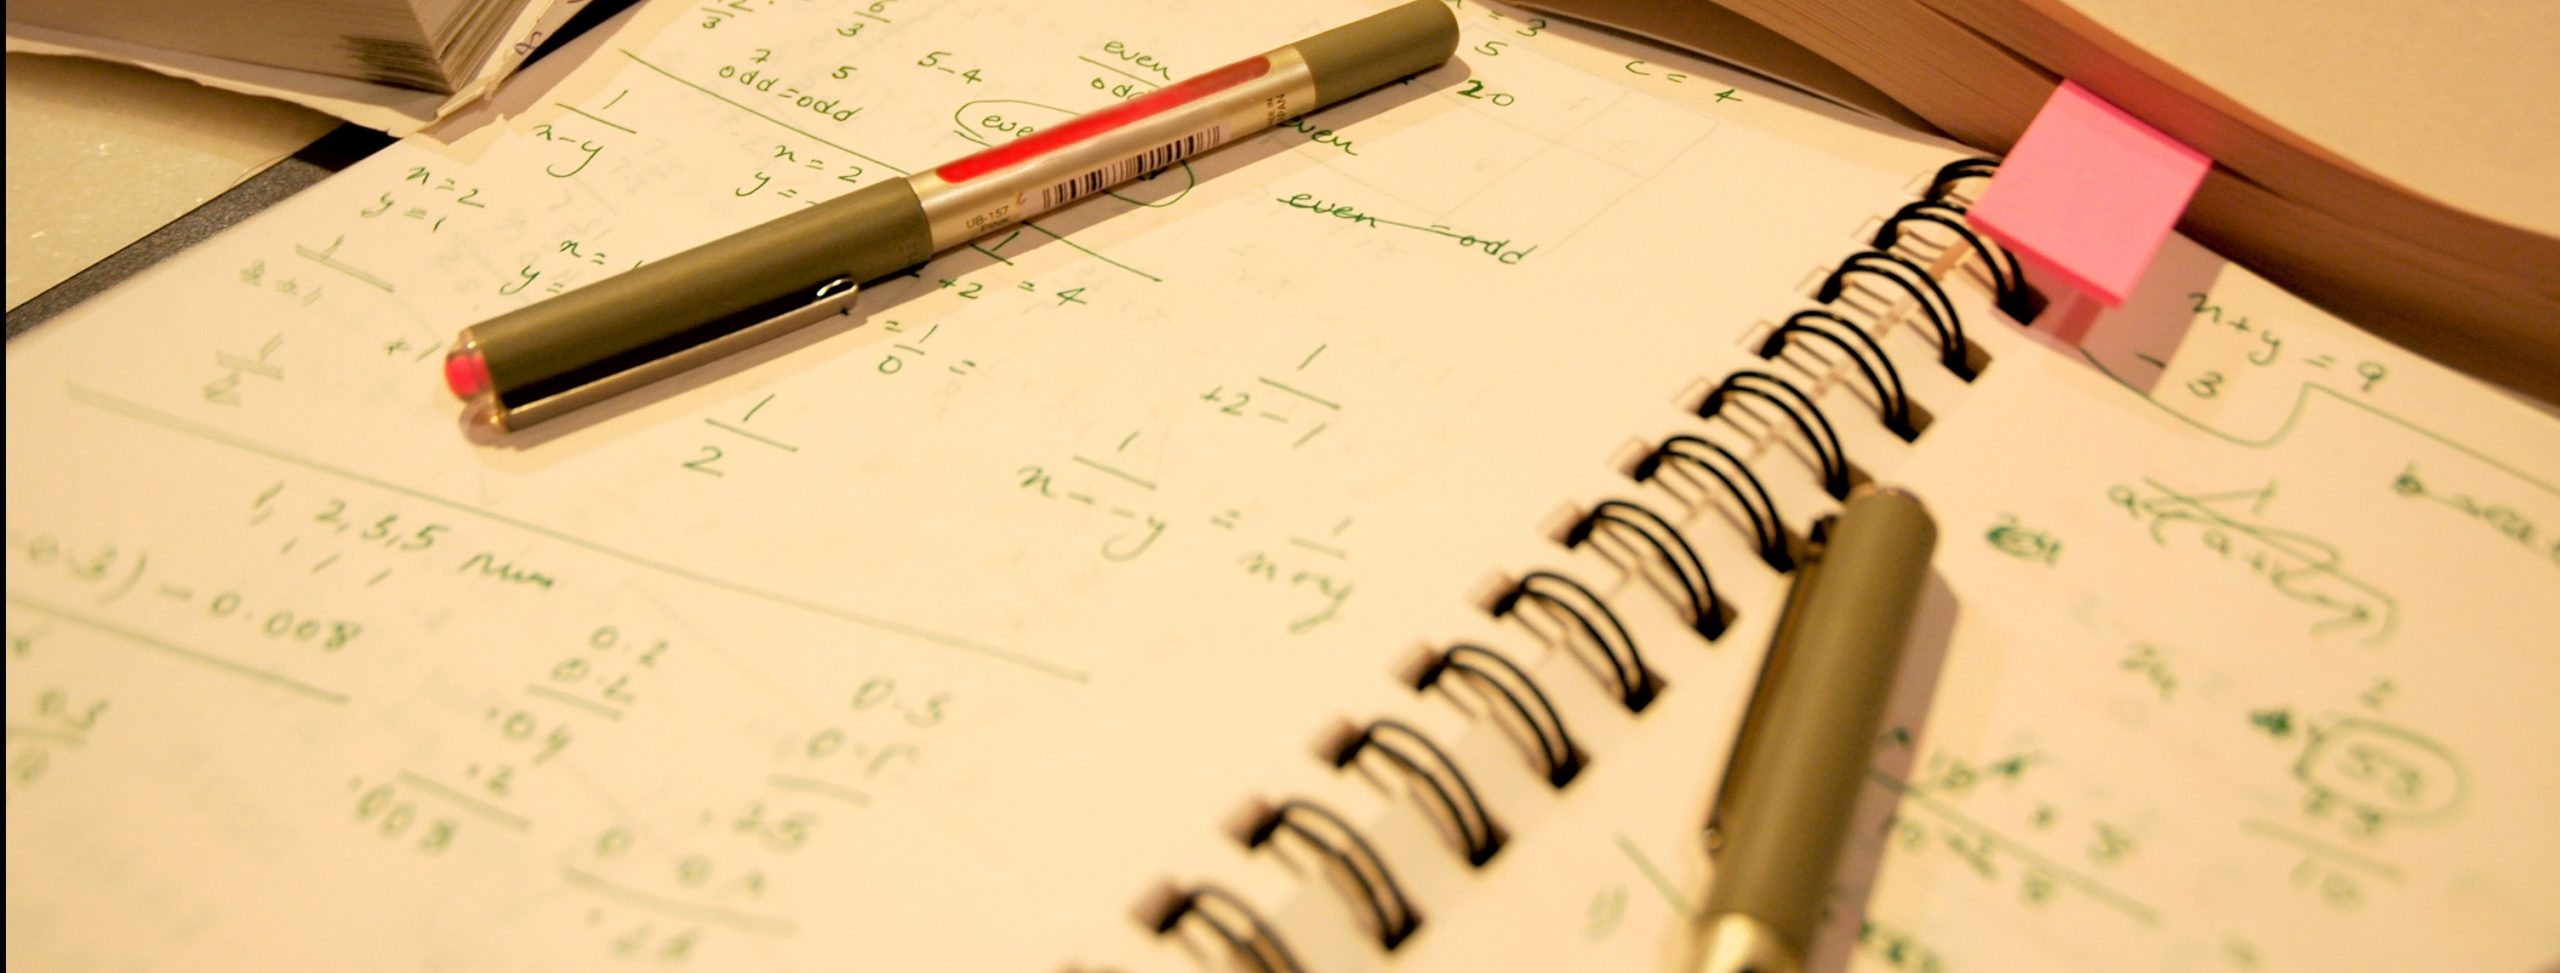 Aplicaciones para organizar estudios